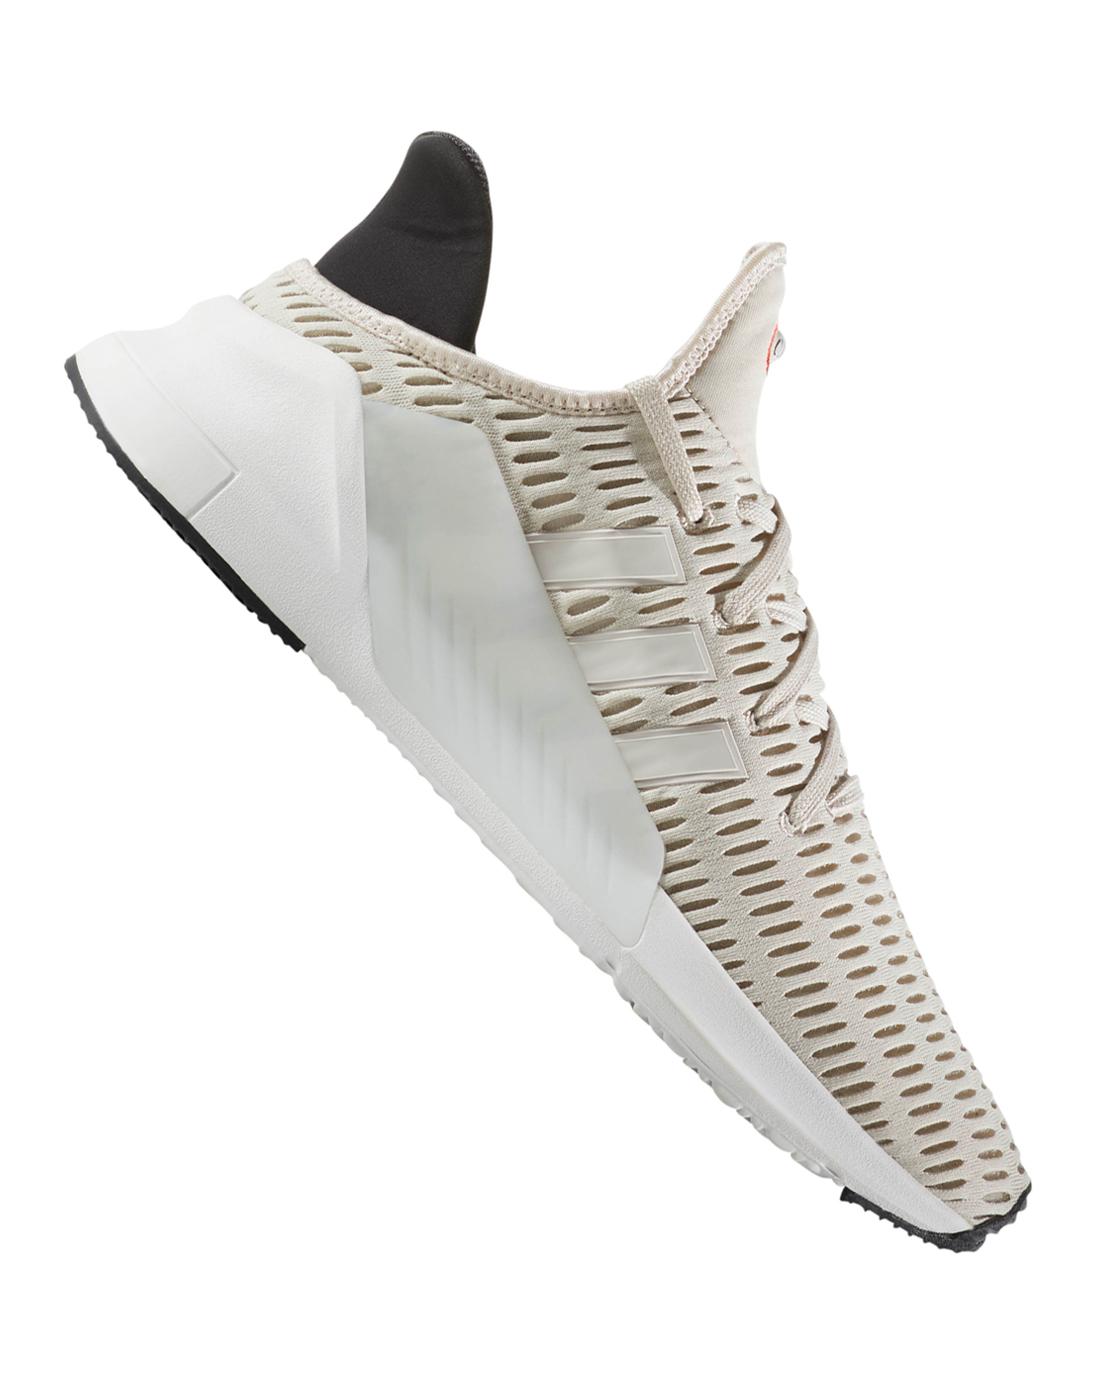 8fed70dbbd98 adidas Originals Mens Climacool Adv 02 17